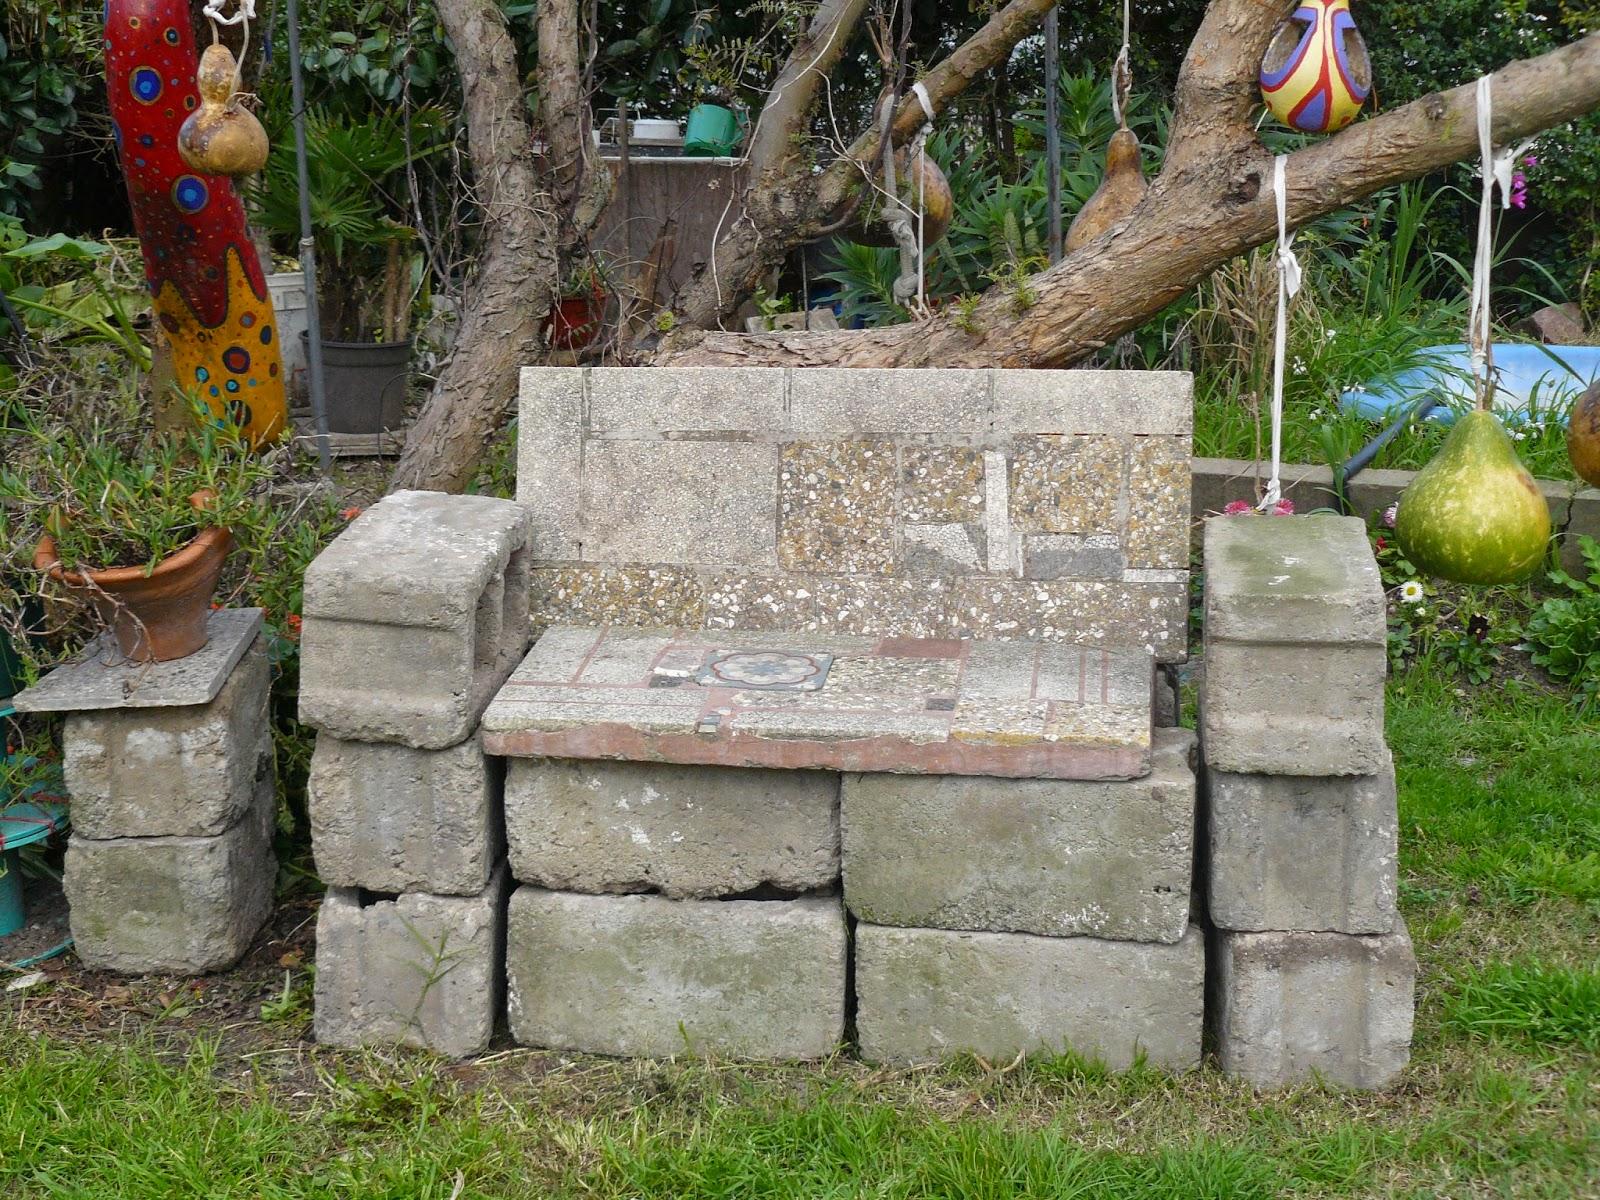 El jard n de emi sill n de piedra - Bancos de piedra para jardin ...